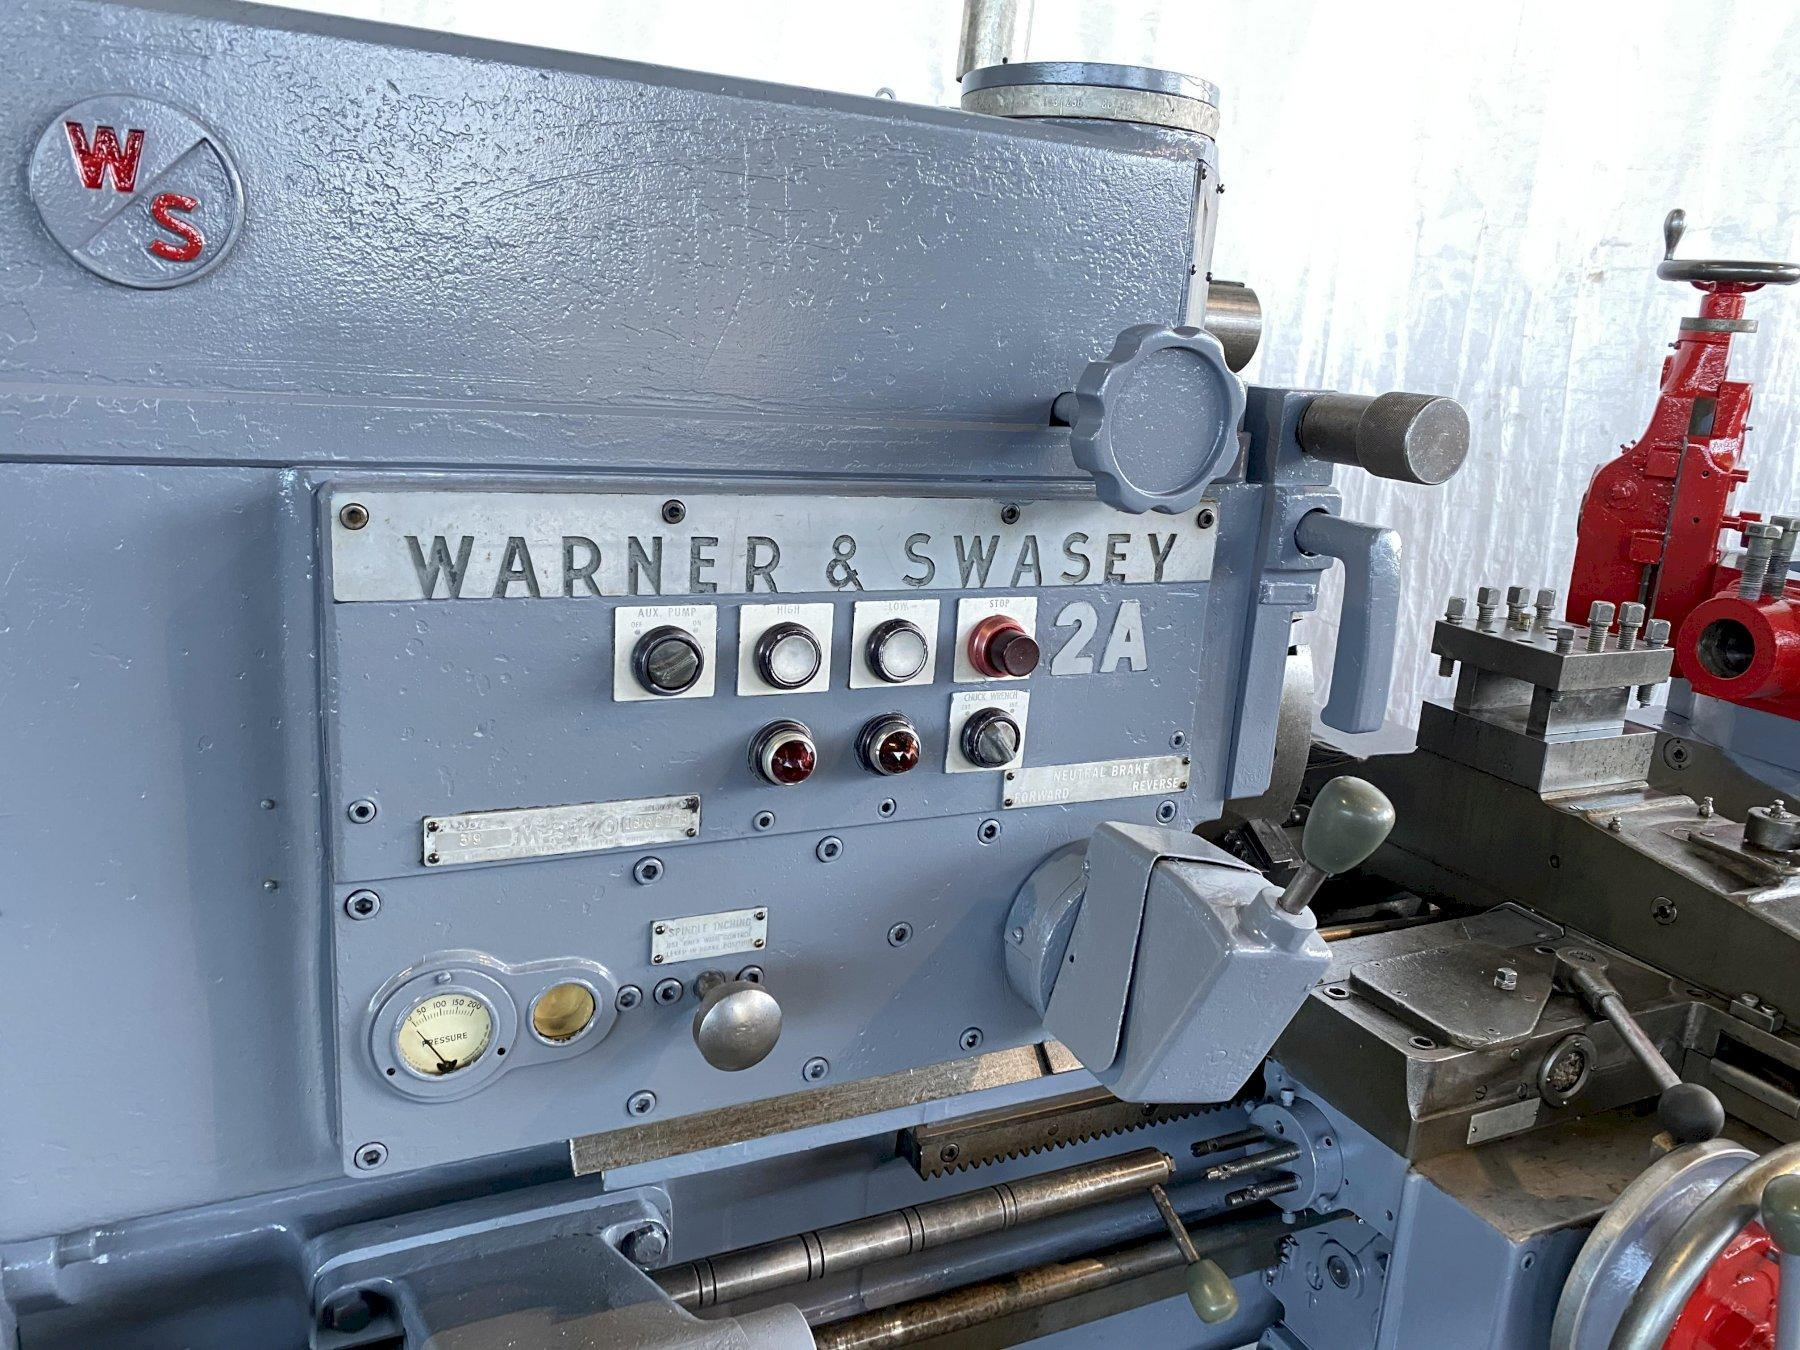 WARNER & SWASEY 2A SADDLE TYPE TURRET LATHE. STOCK # 0848220